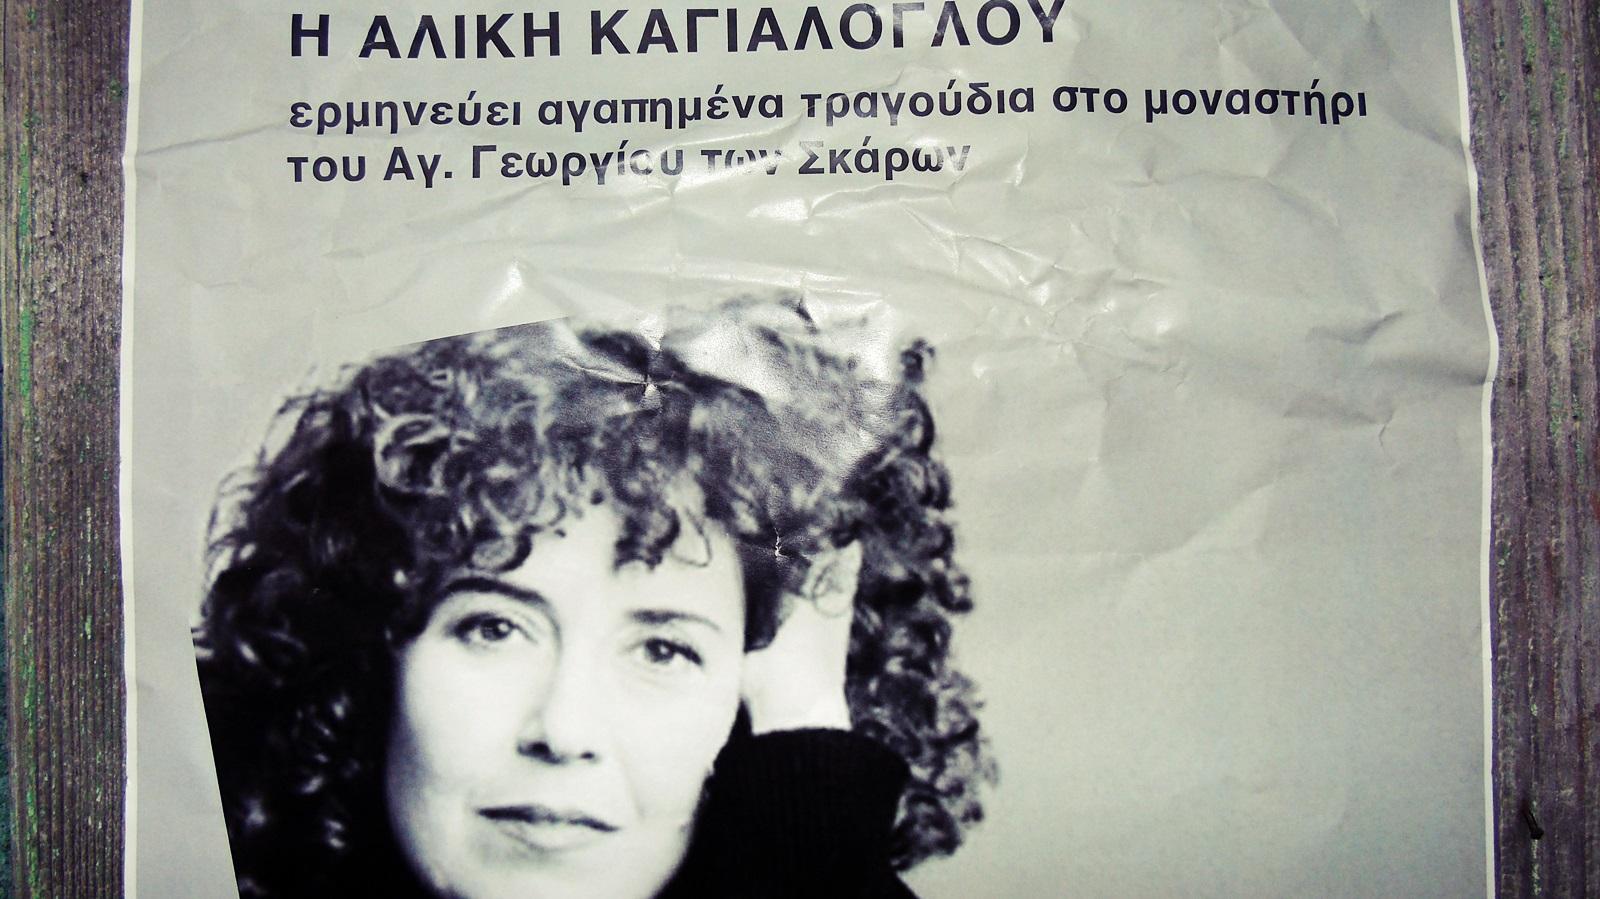 Aliki_kagialoglou